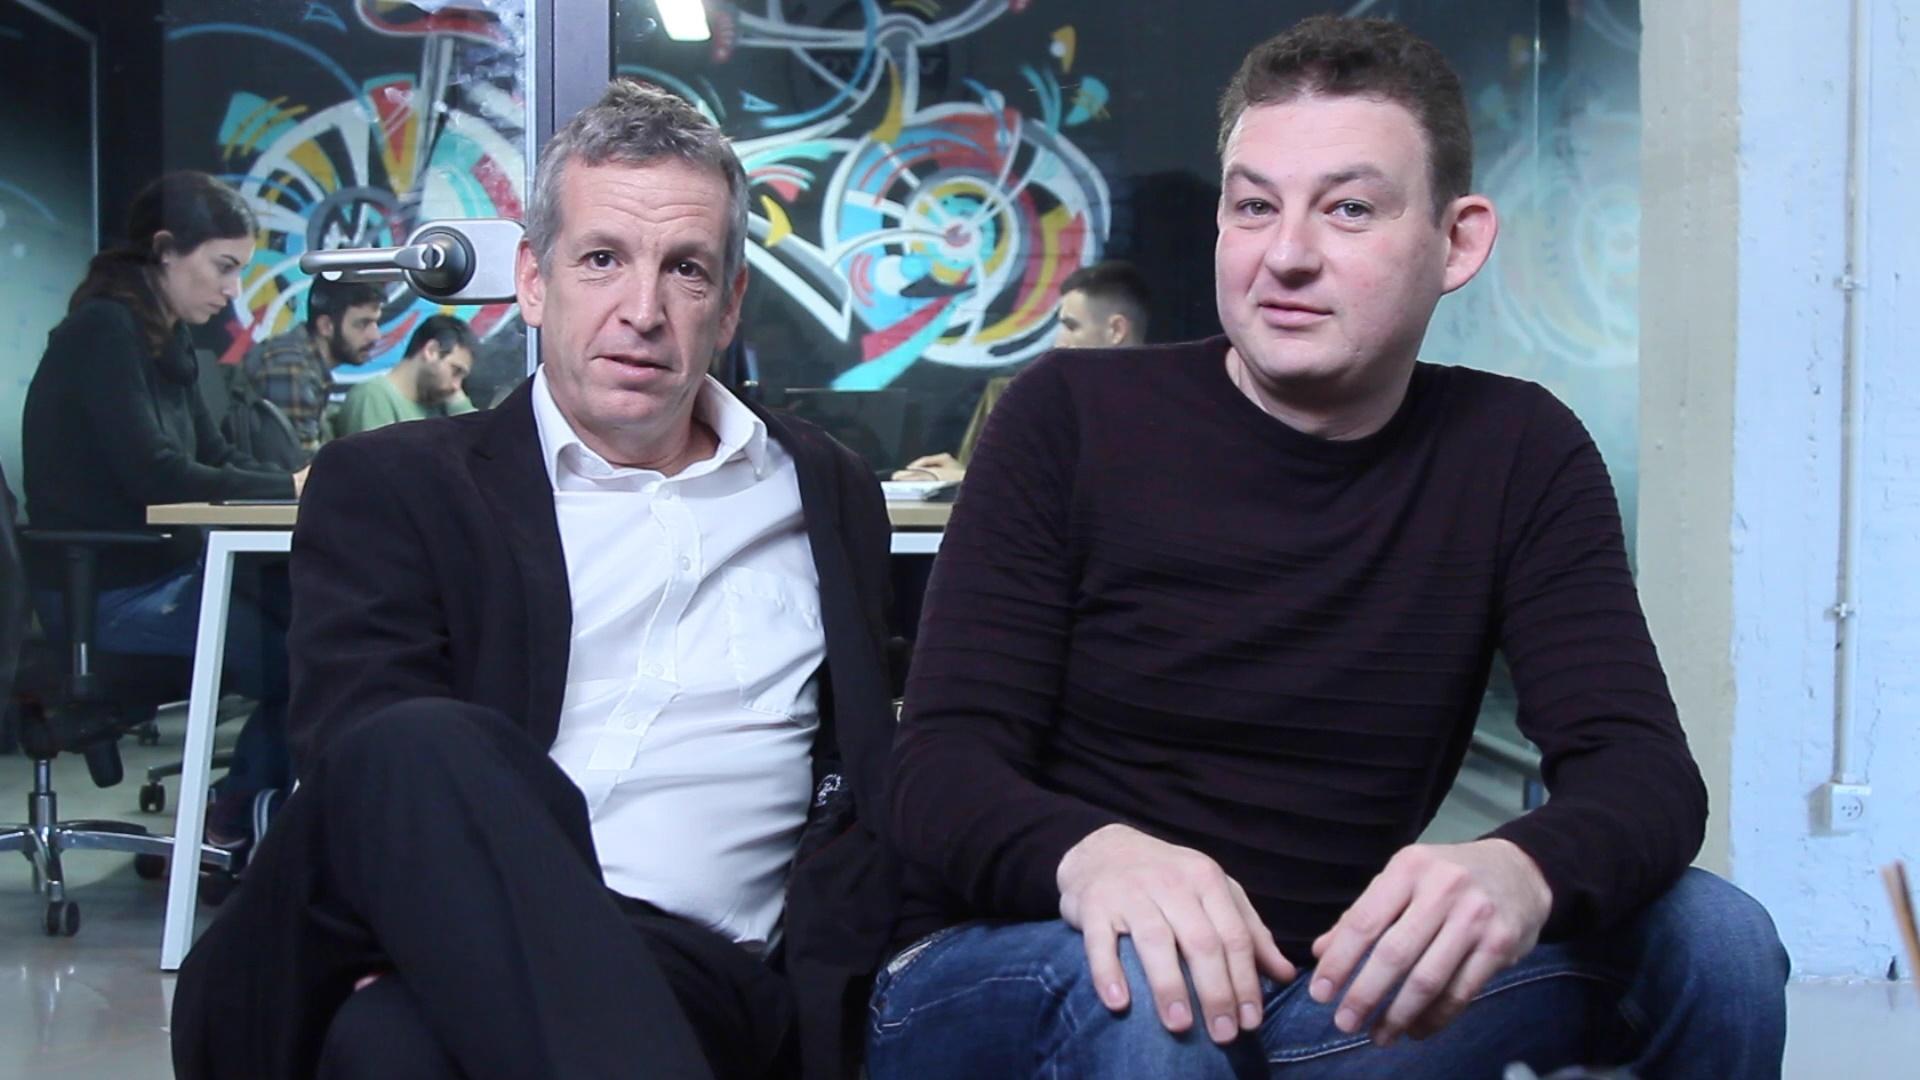 דני צ'רקסקי ואלון סלפק, היזמים של חברת קרדום. צילום-בן רייס